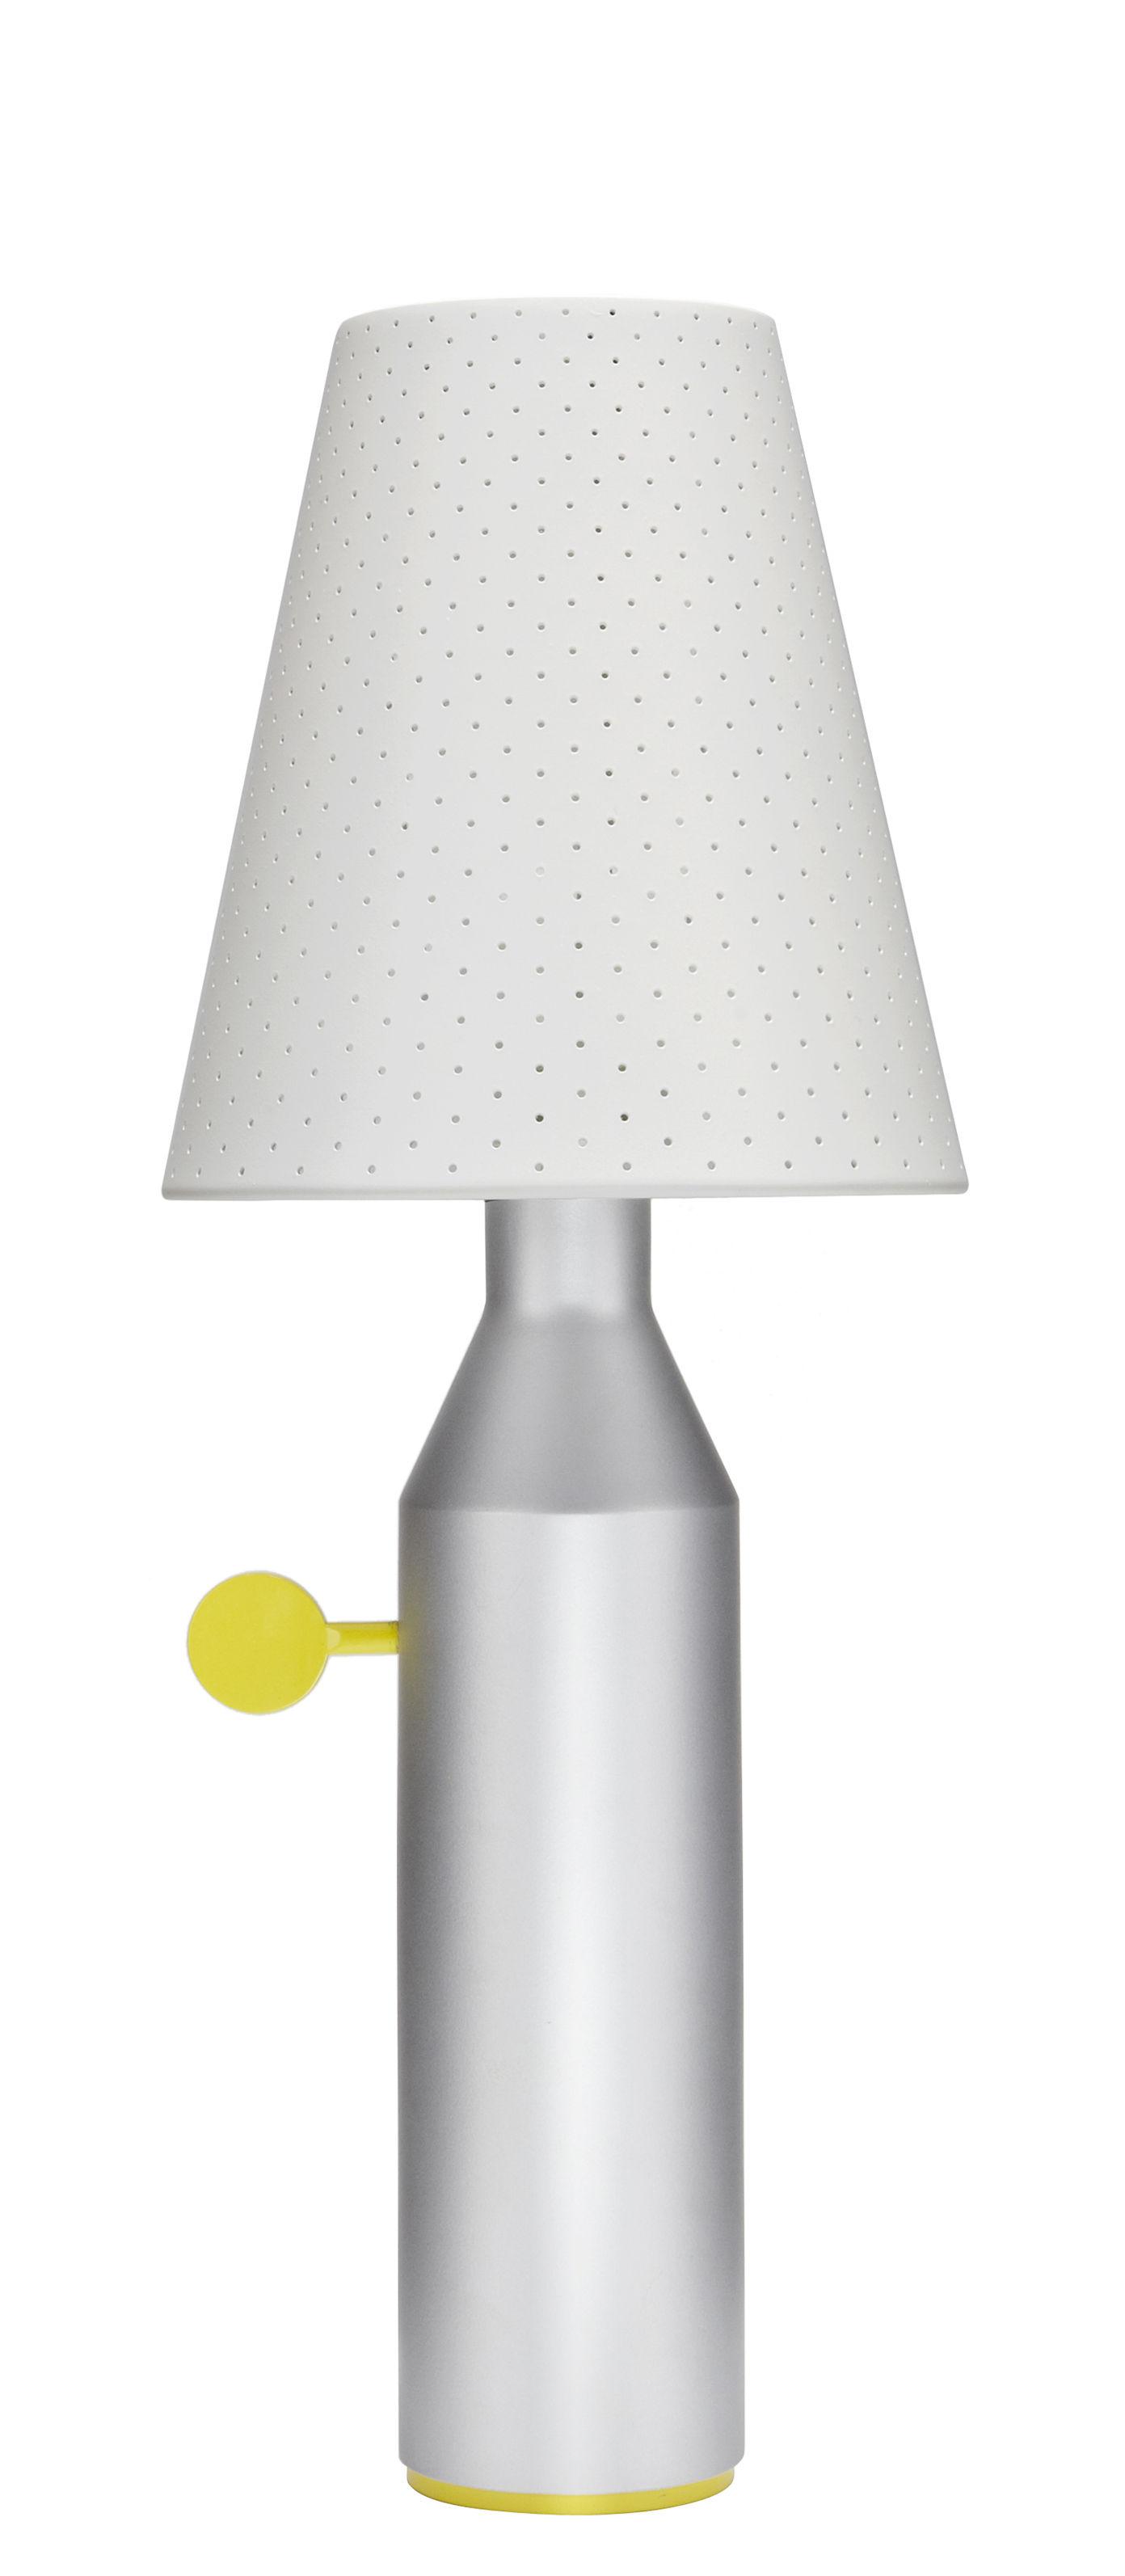 lampe de table vulcain acier perfor h 45 cm gris aluminium abat jour blanc la chance. Black Bedroom Furniture Sets. Home Design Ideas